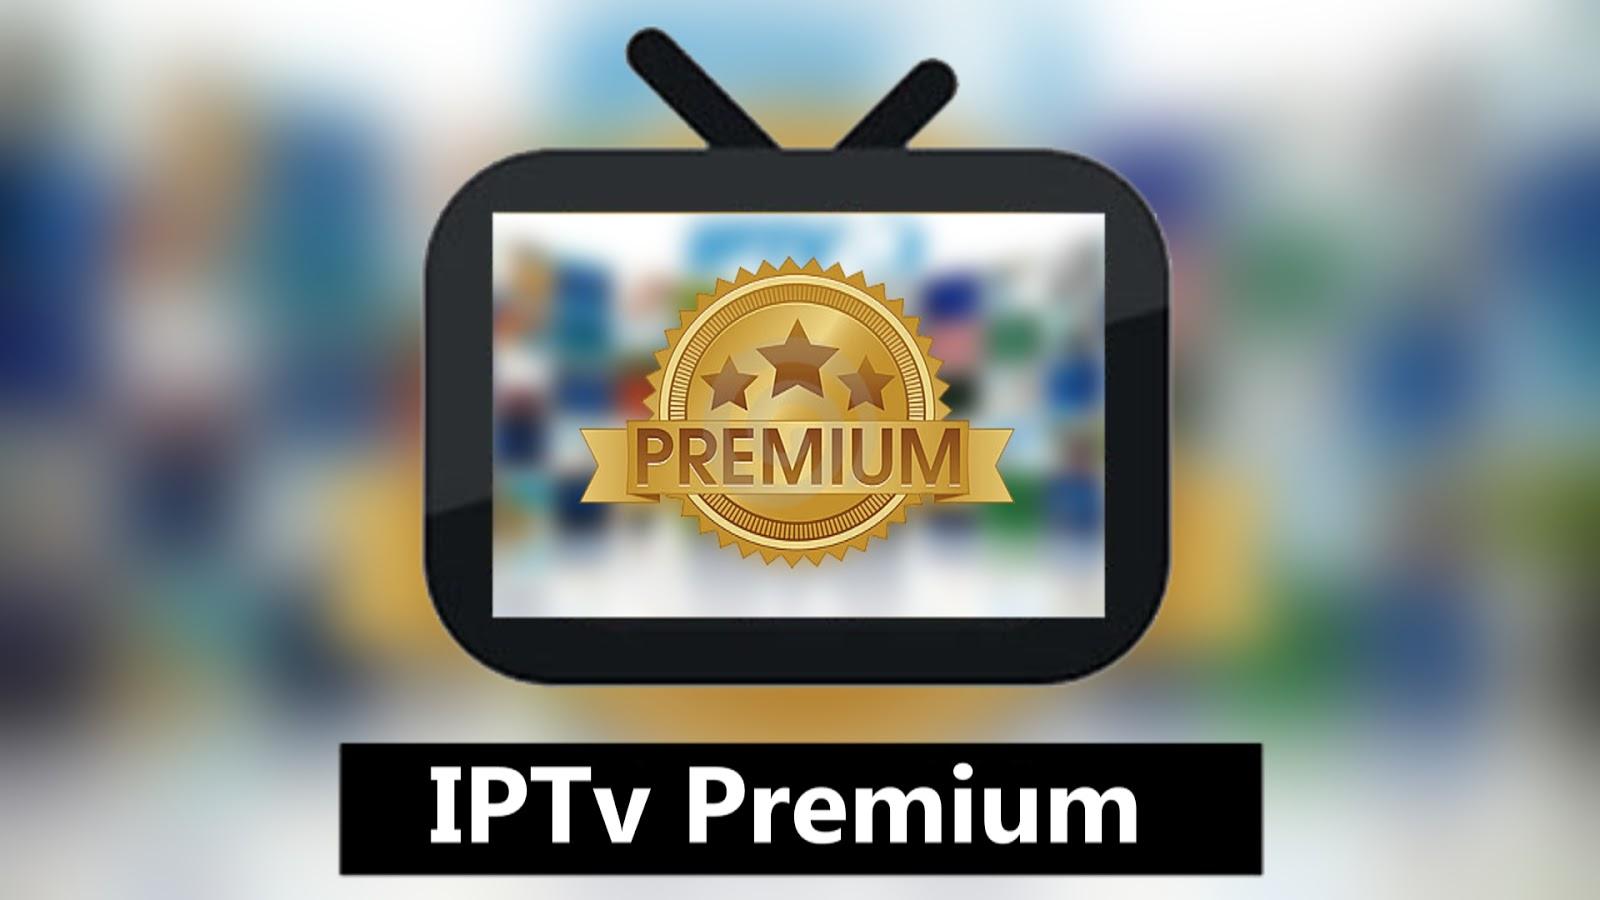 iptv premium m3u